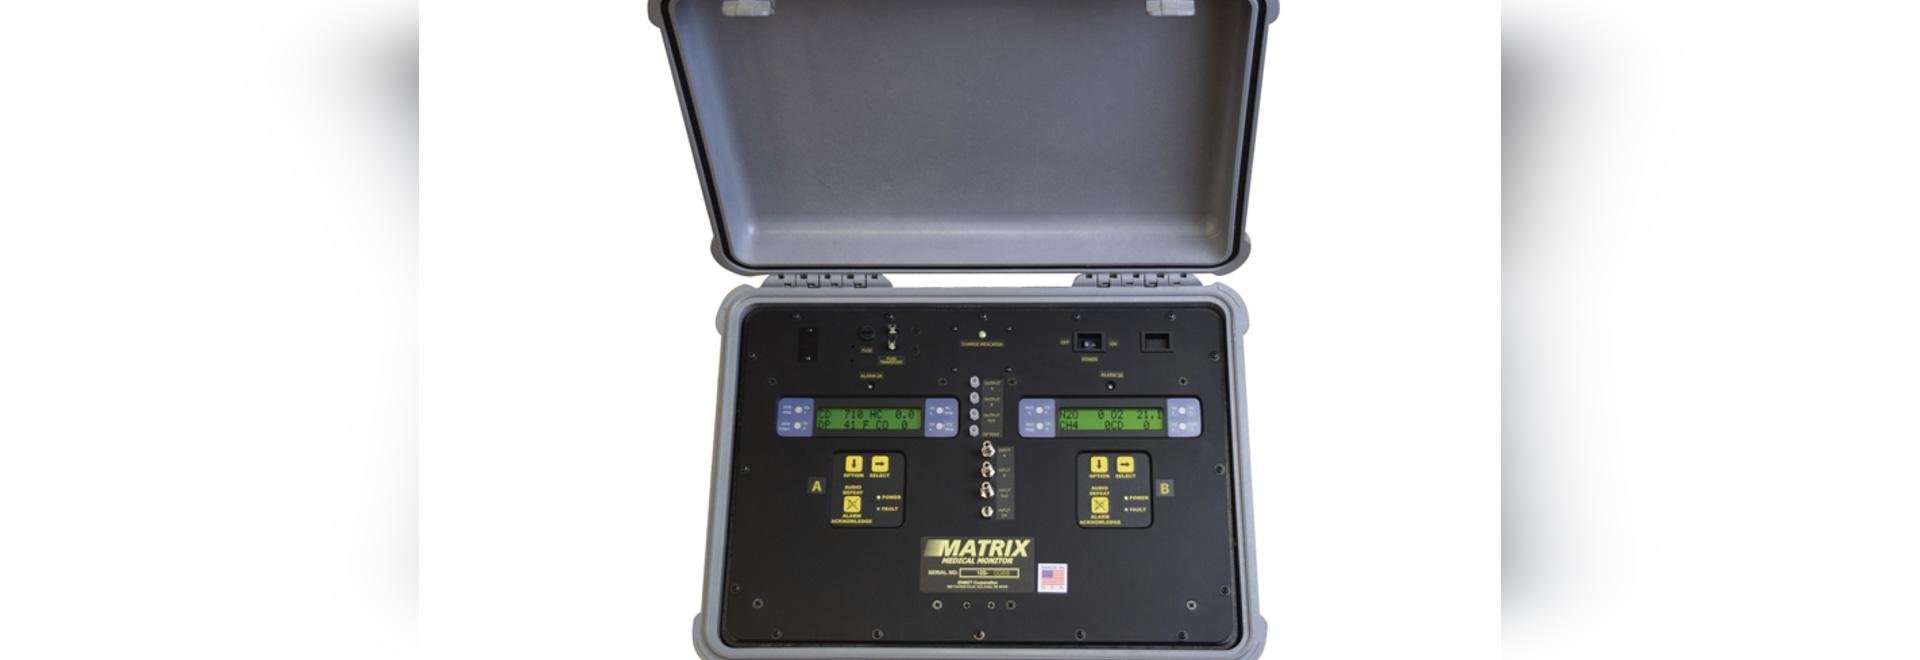 El multidetector analiza el gas médico